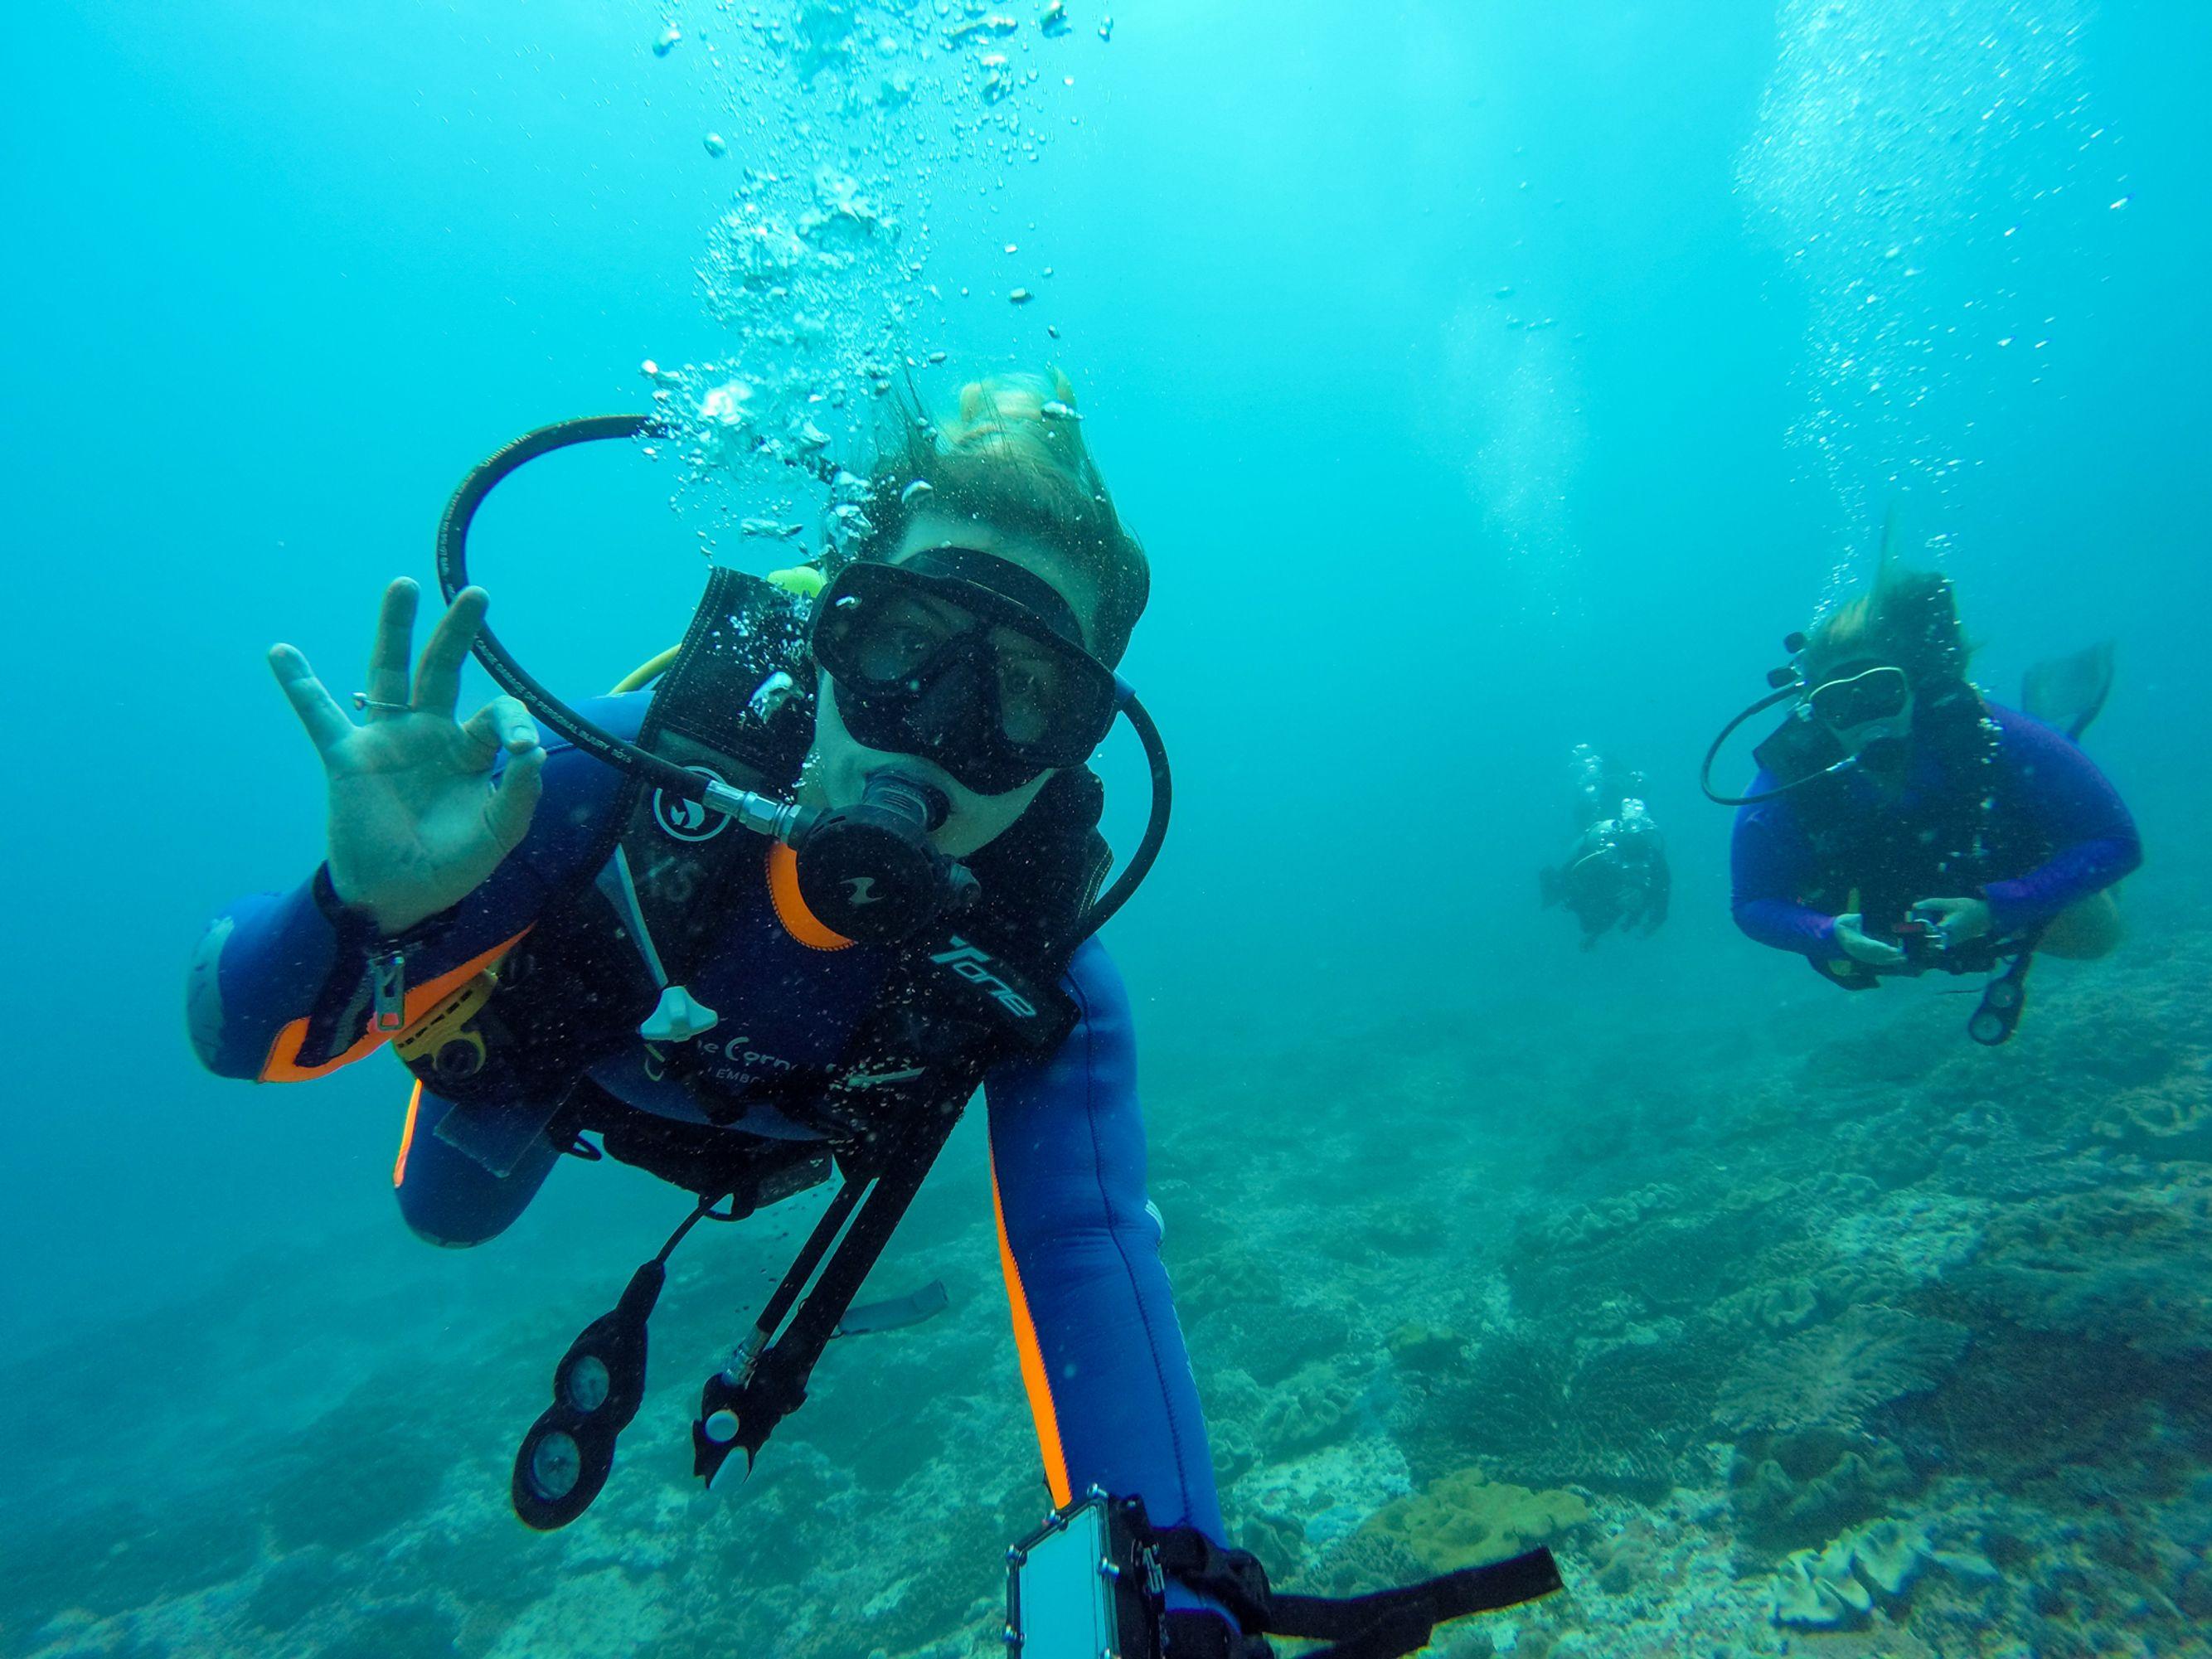 Δύο δύτες κάτω από τη θάλασσα - οι καταδύσεις είναι μία απ' τις τοπ δραστηριότητες για τις διακοπές σας στη Λέρο